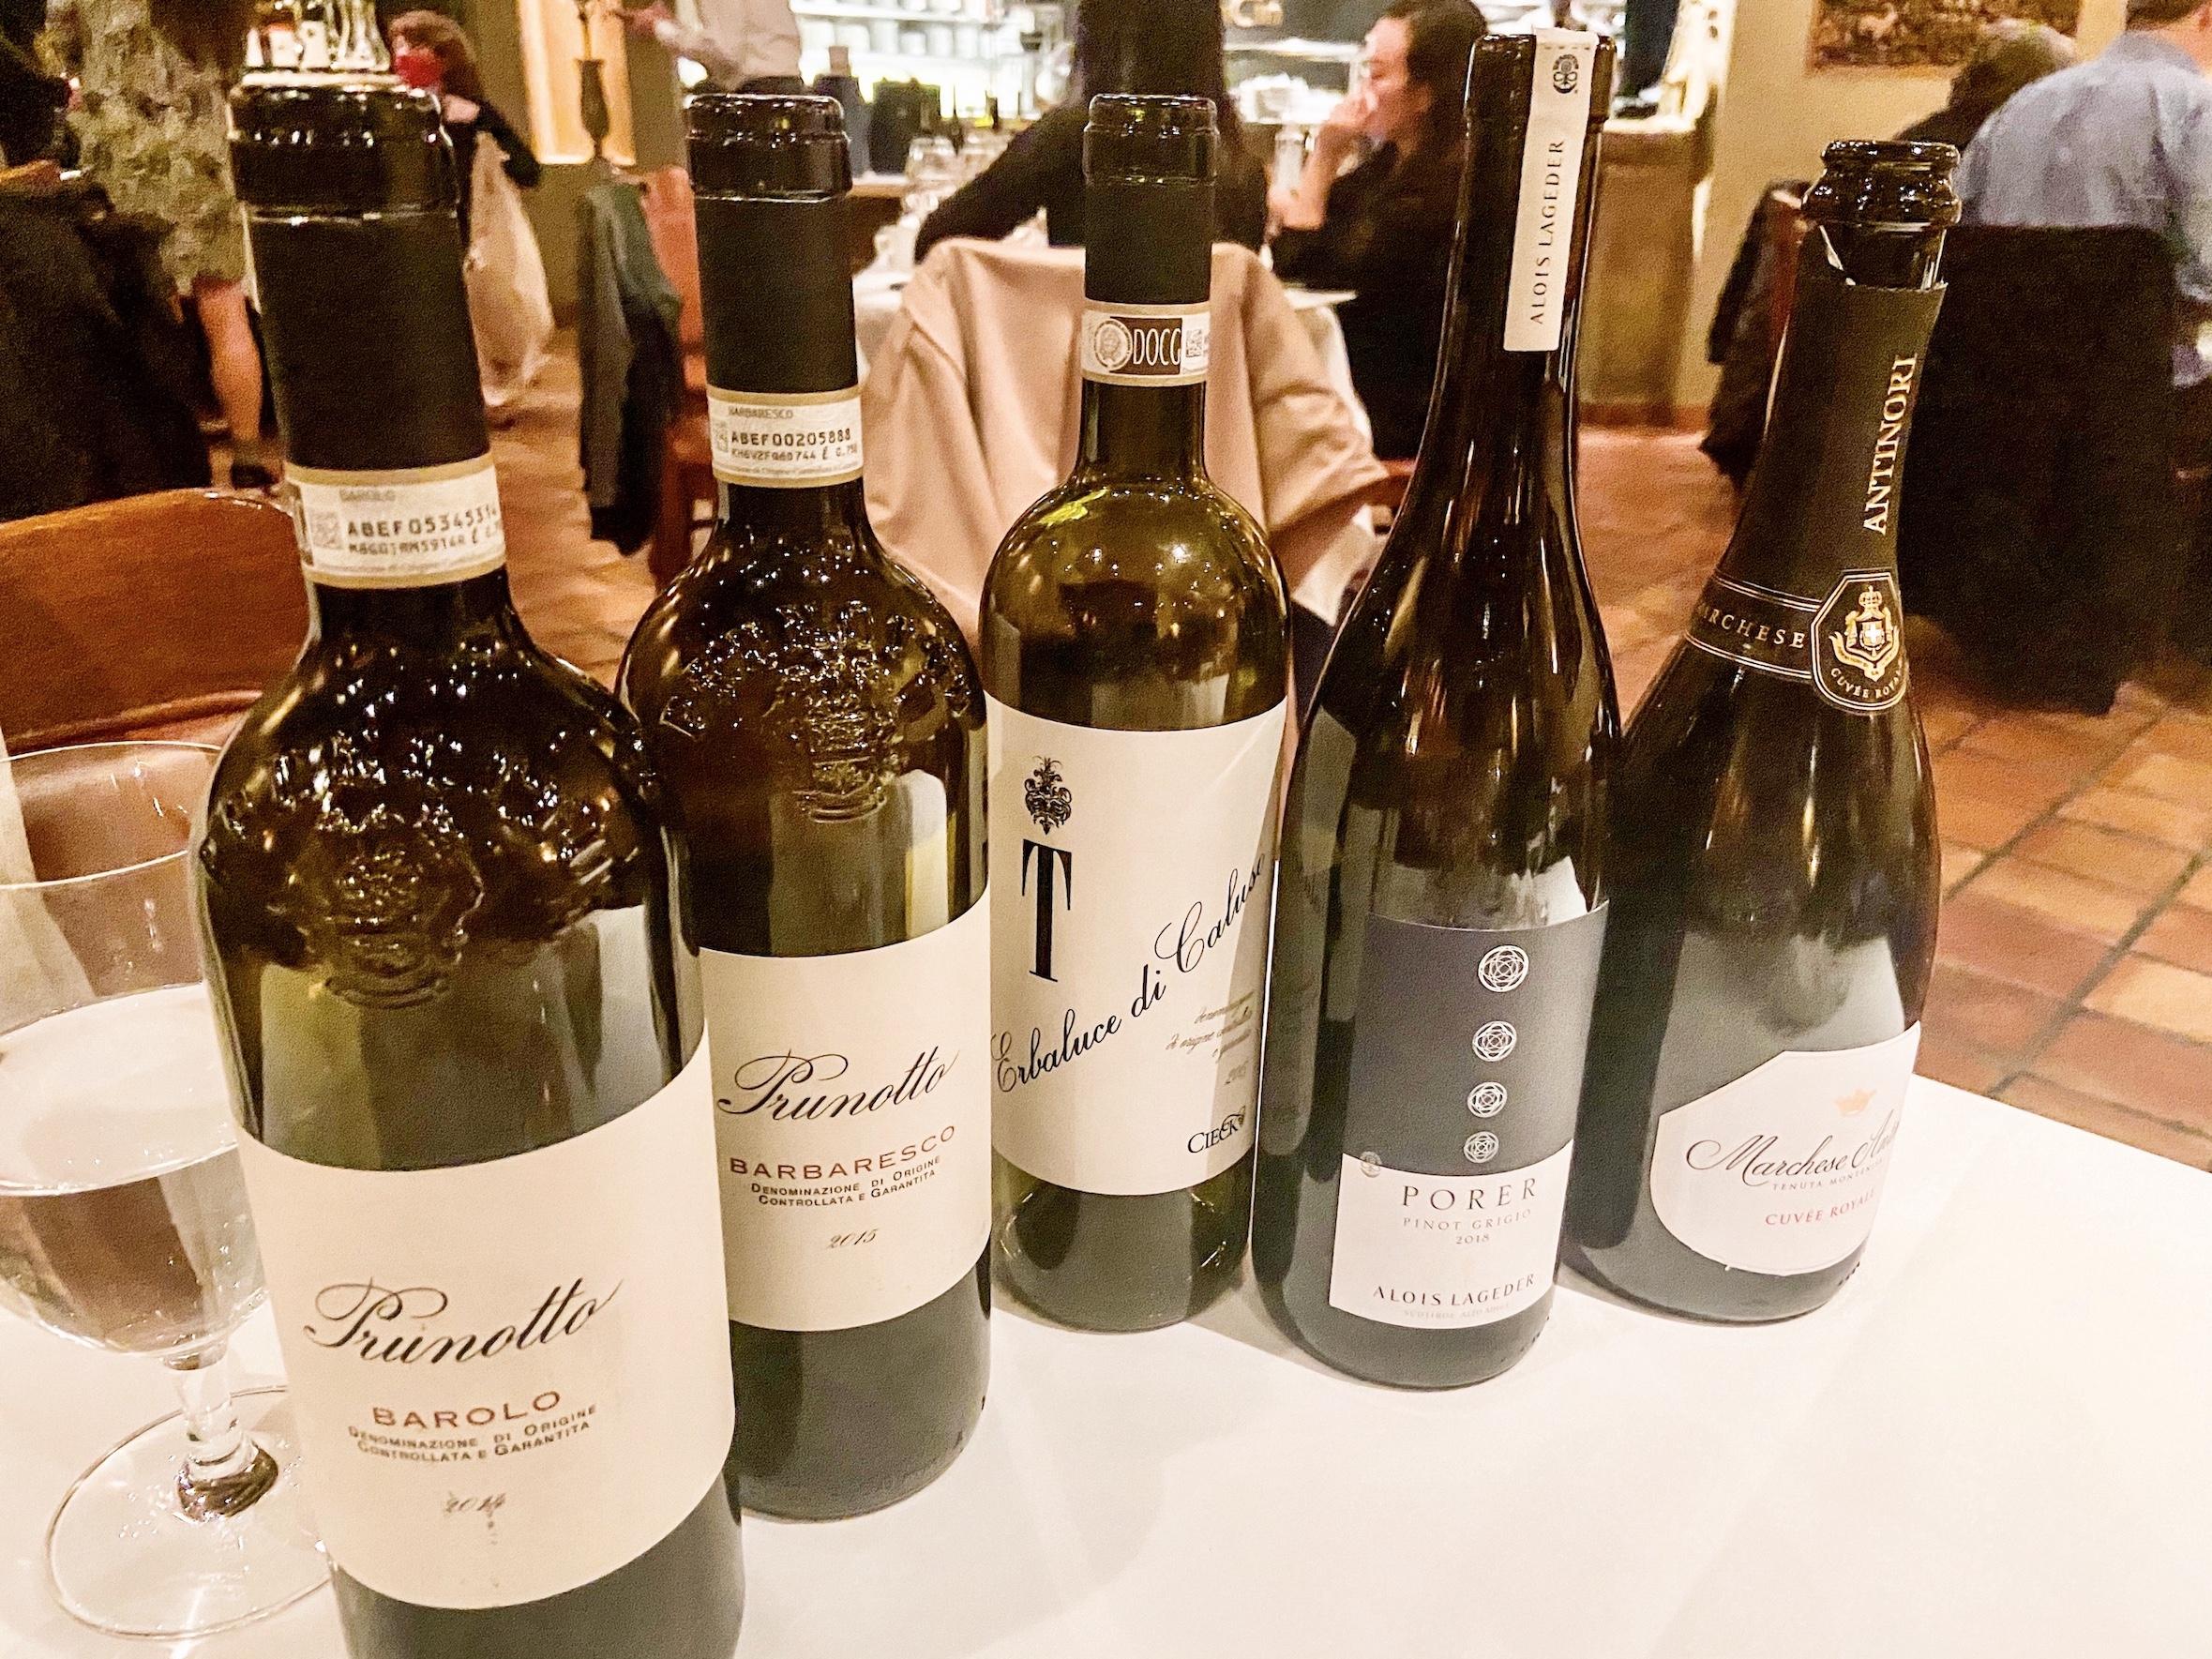 Wine pairing for CinCin Truffle Dinner 2020